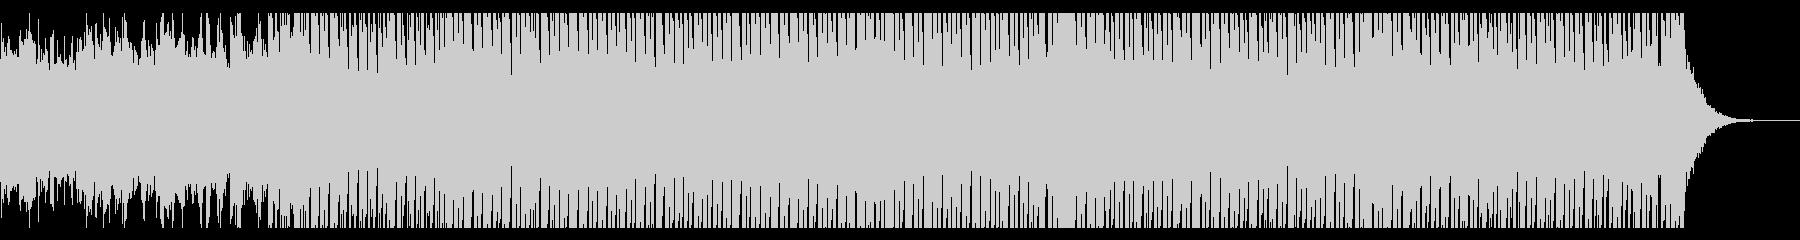 ハッピーサニーデイズ(90秒)の未再生の波形